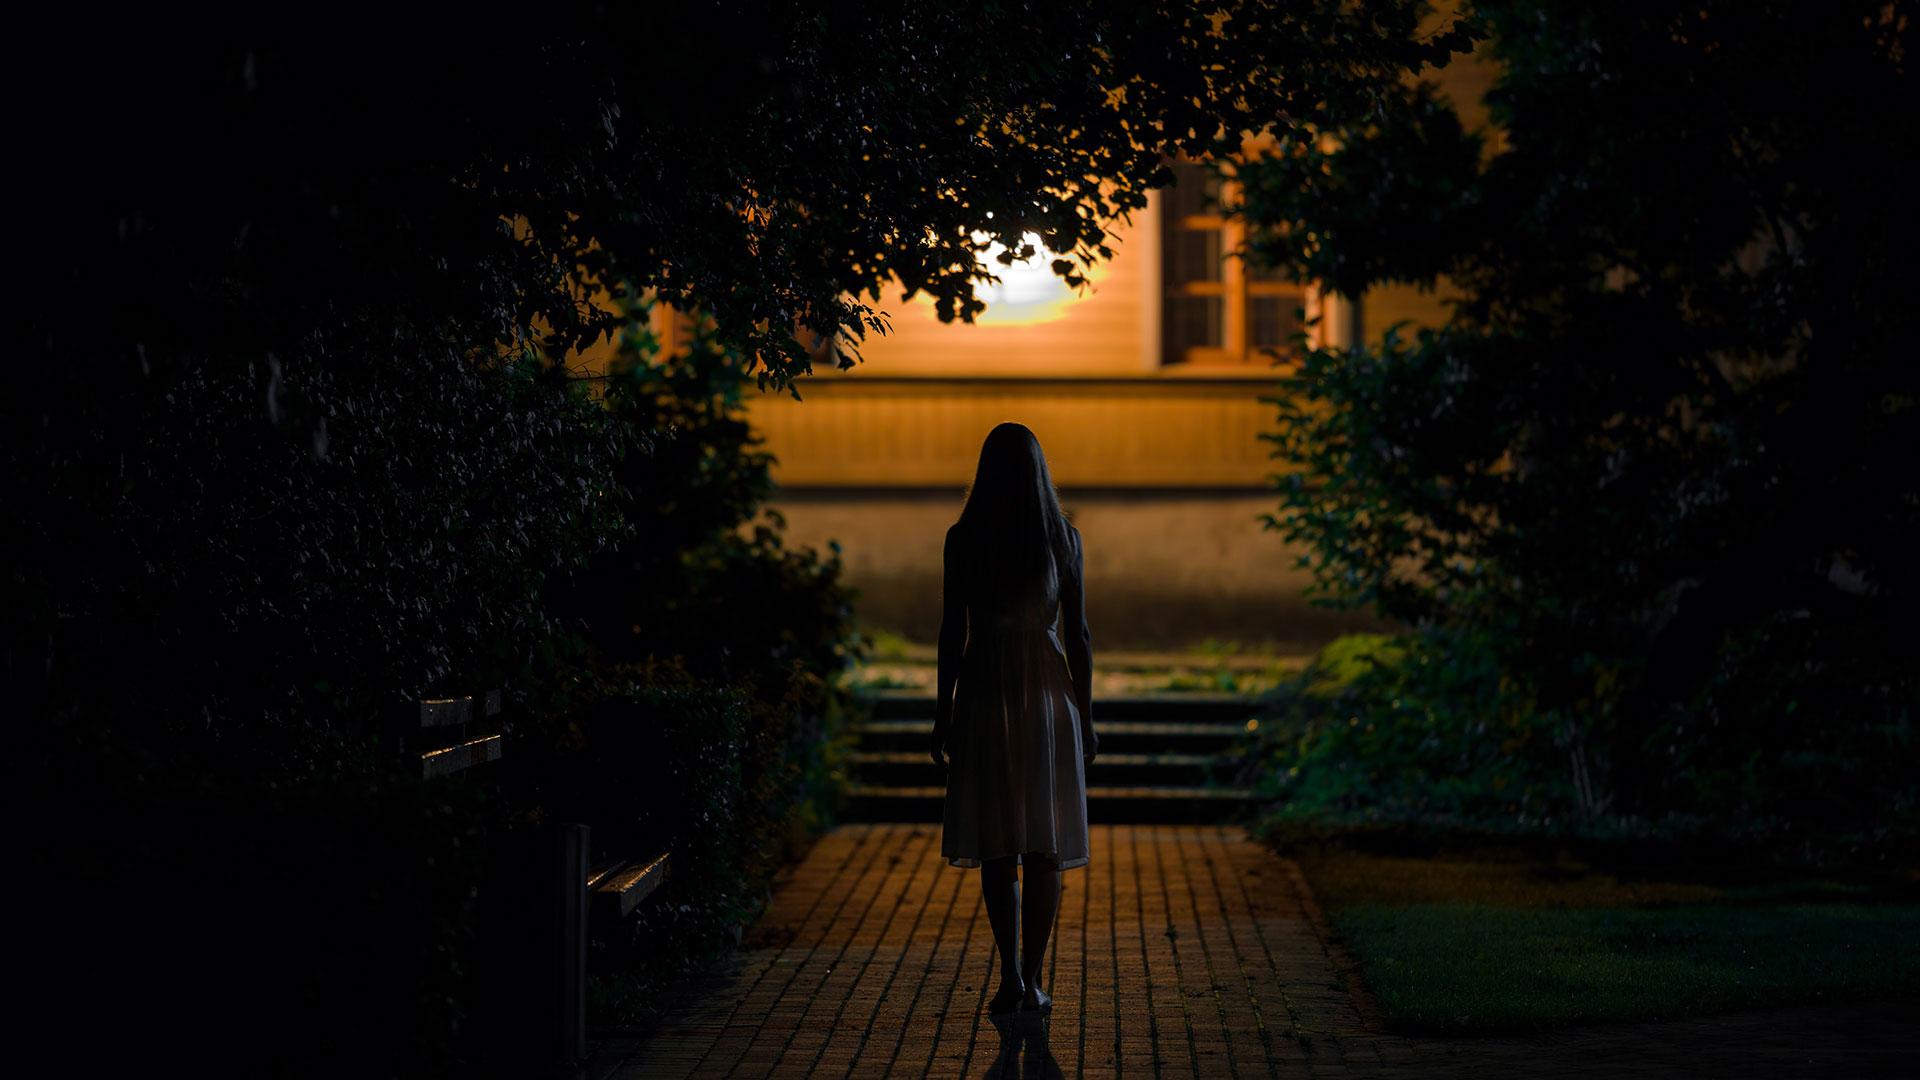 : Zwischenverhandlungen Frau in der Nacht